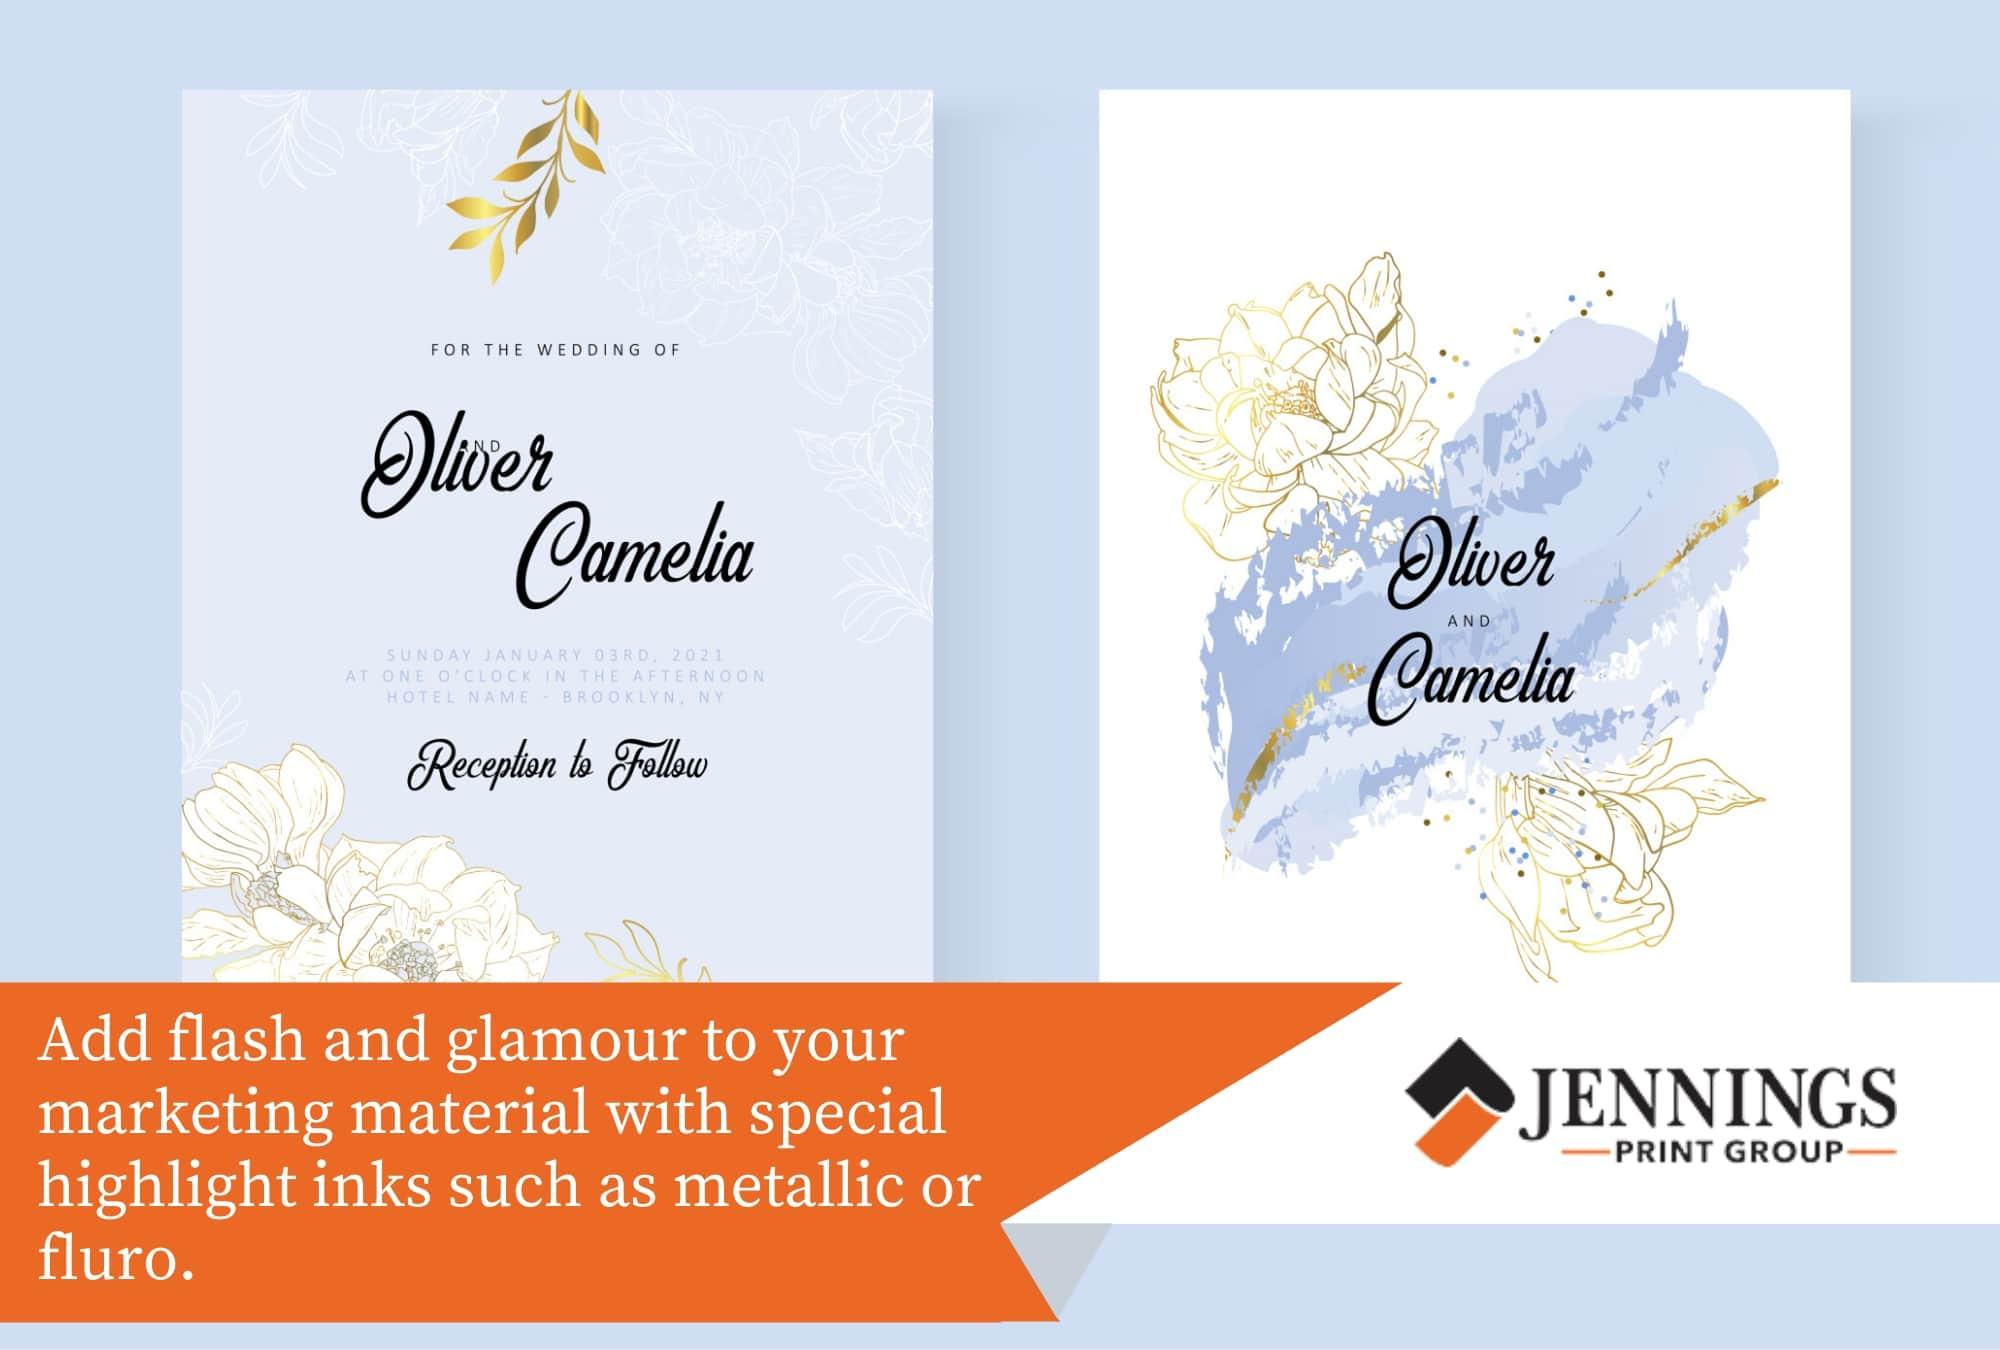 Metallic inks